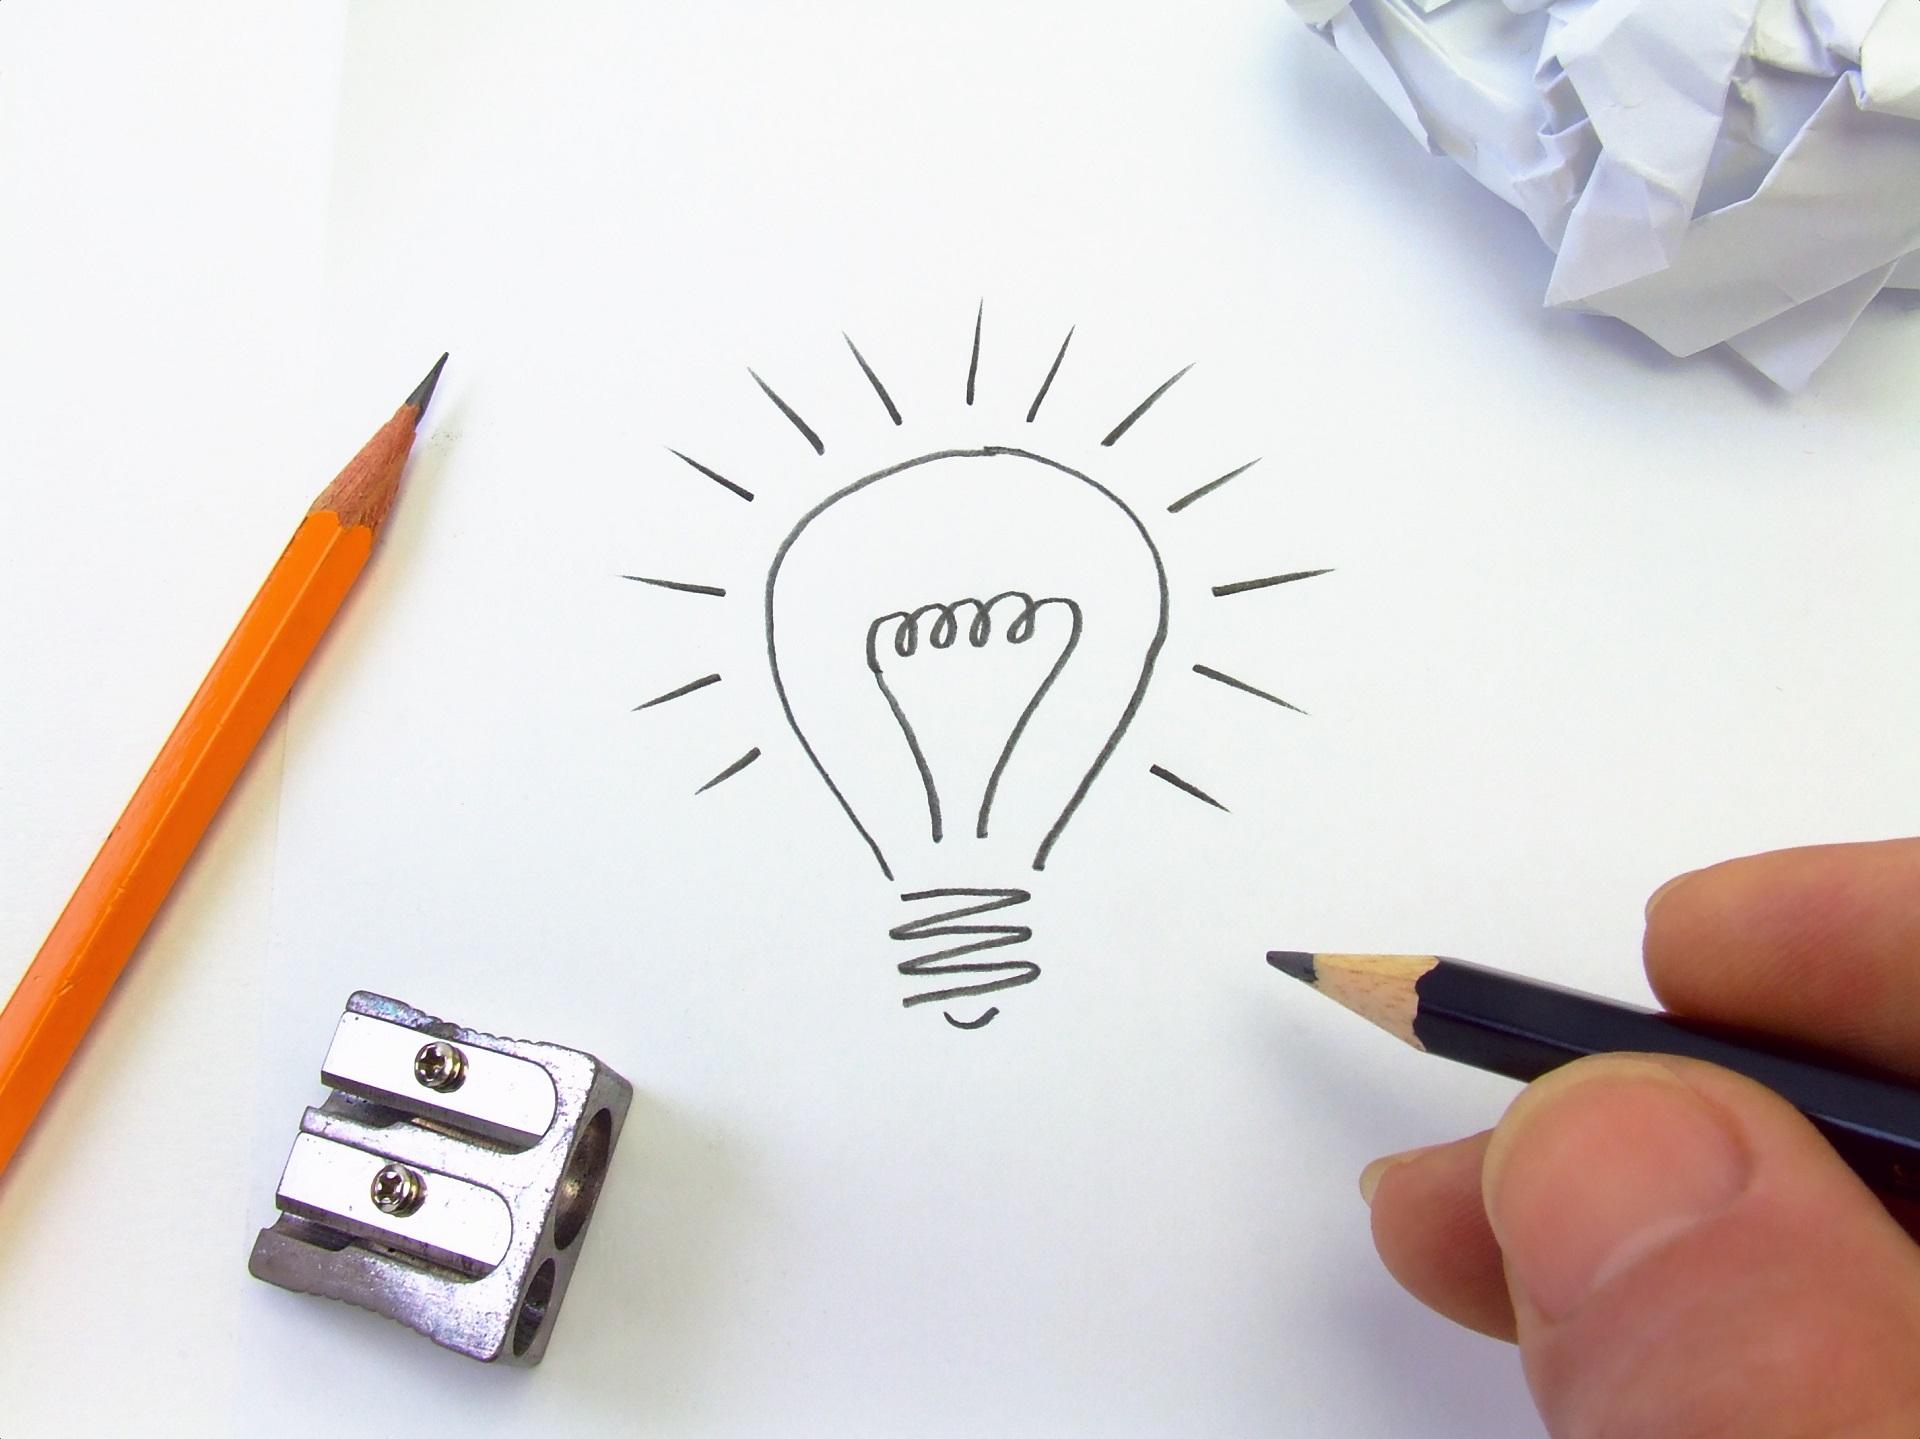 Những ý tưởng kinh doanh cho doanh nghiệp nhỏ